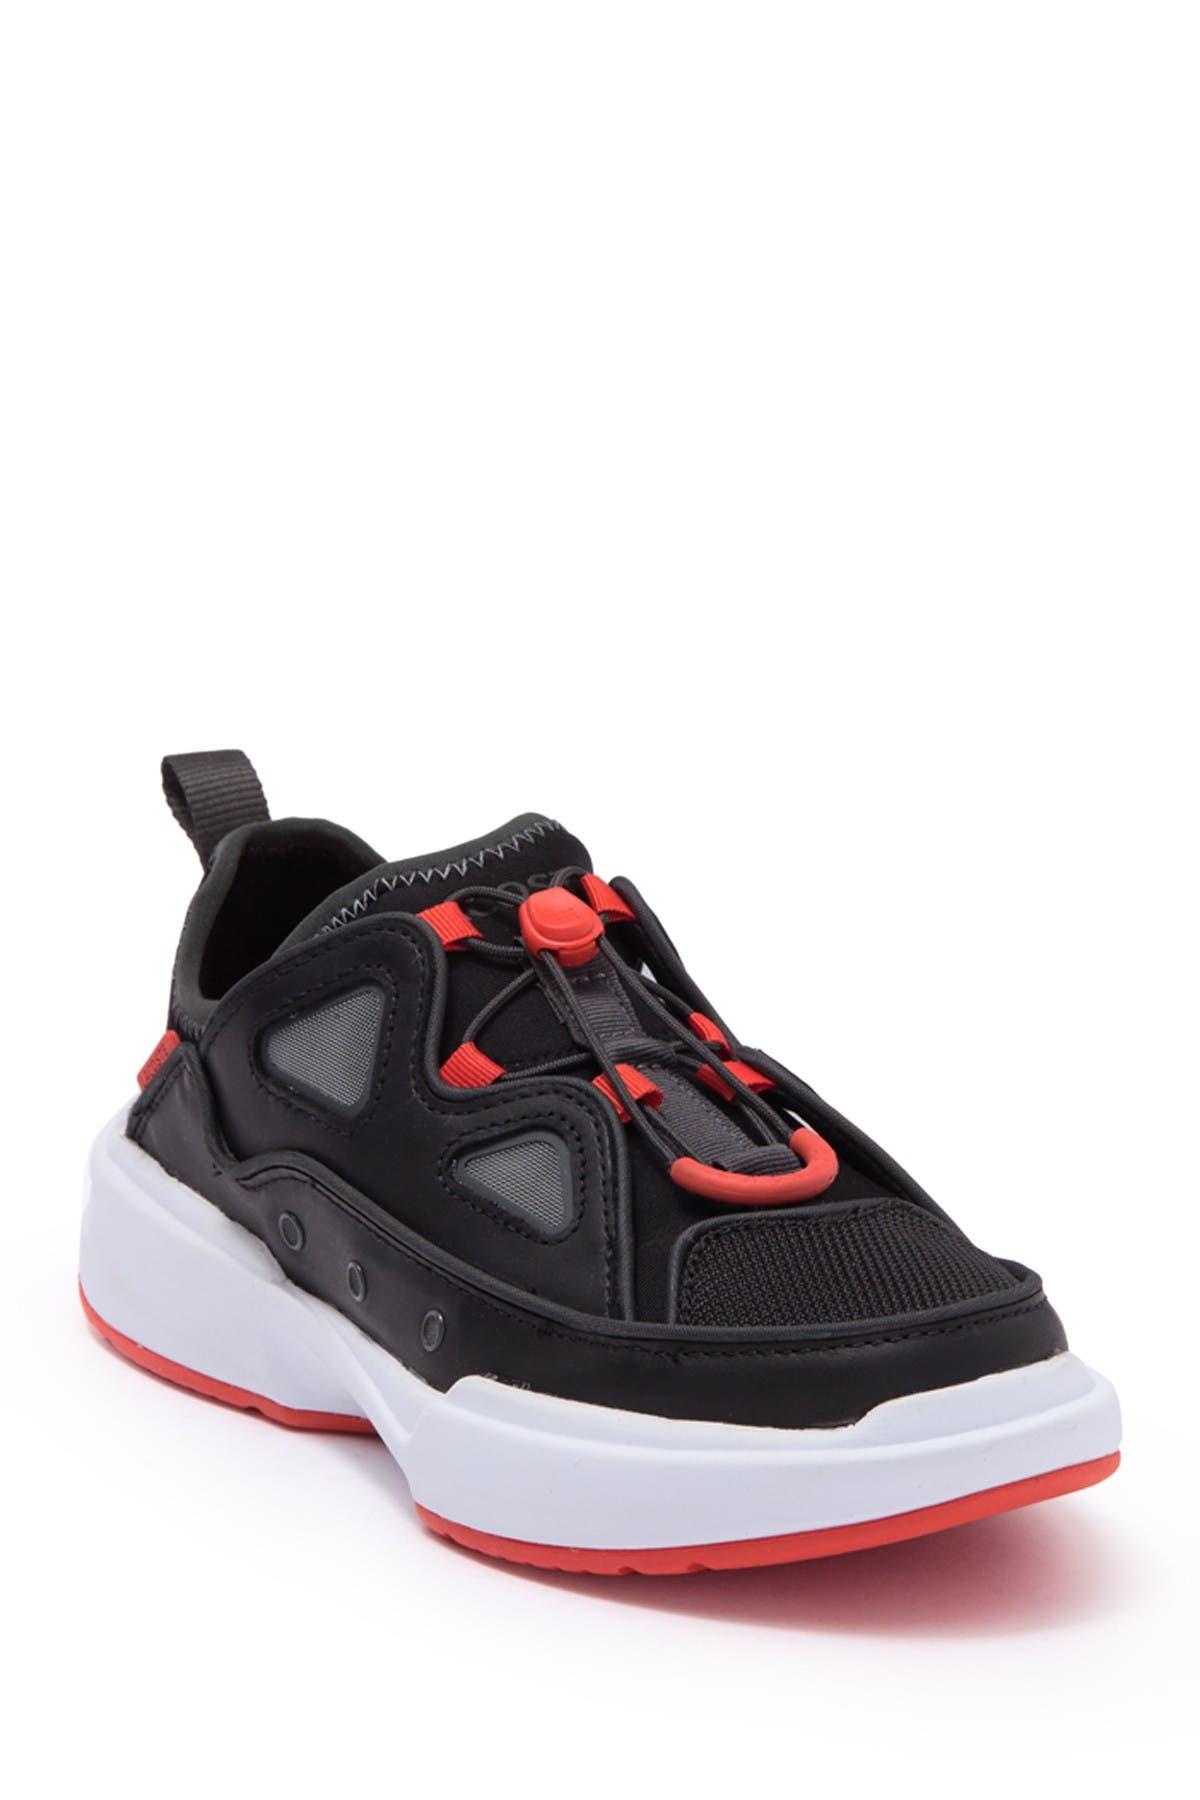 Image of Lacoste Gennaker Sneaker